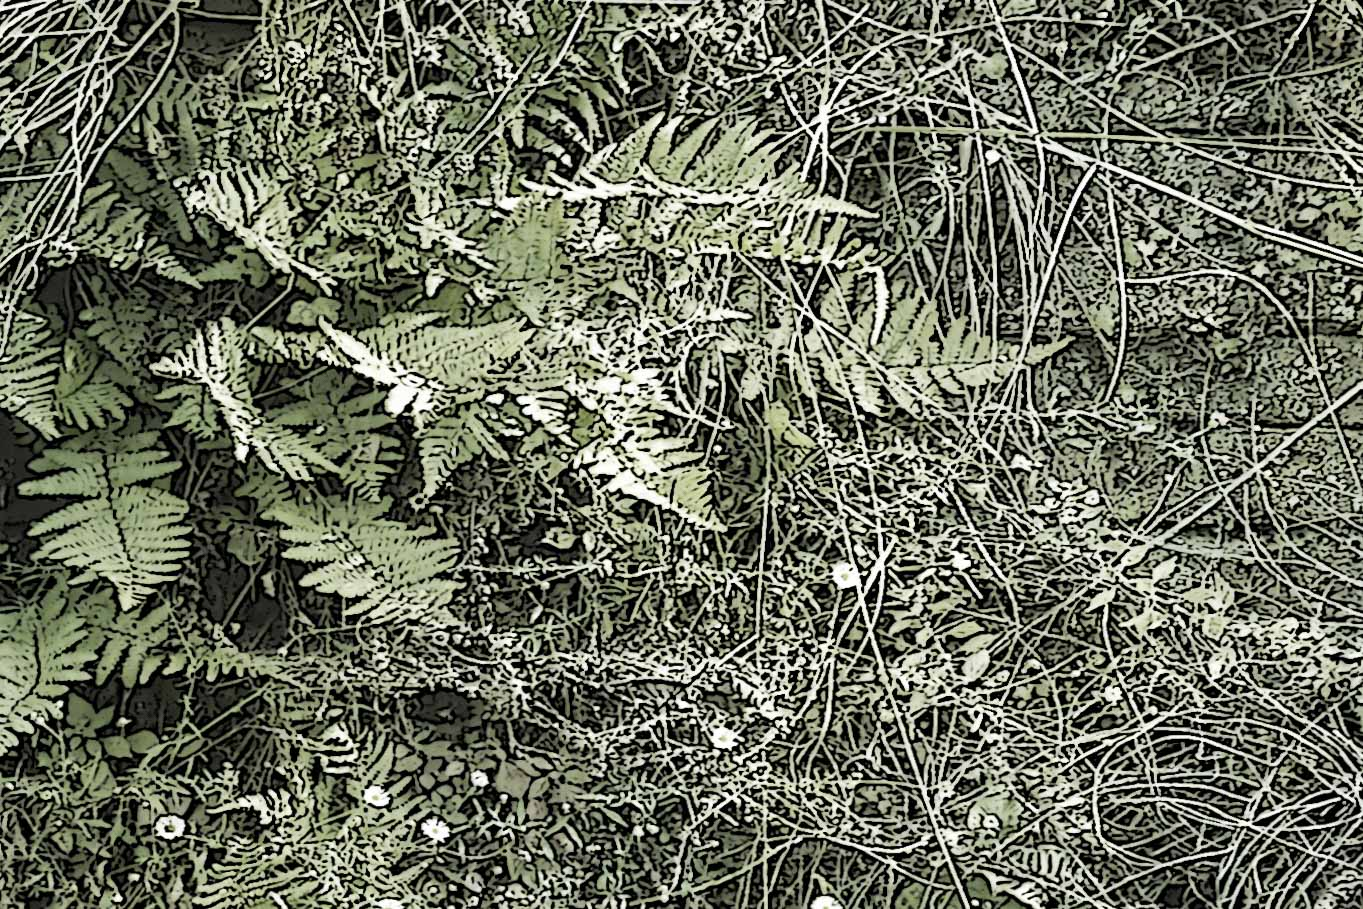 DETAIL ONDERSTE PANORAMAFOTO RECHTER PANEEL